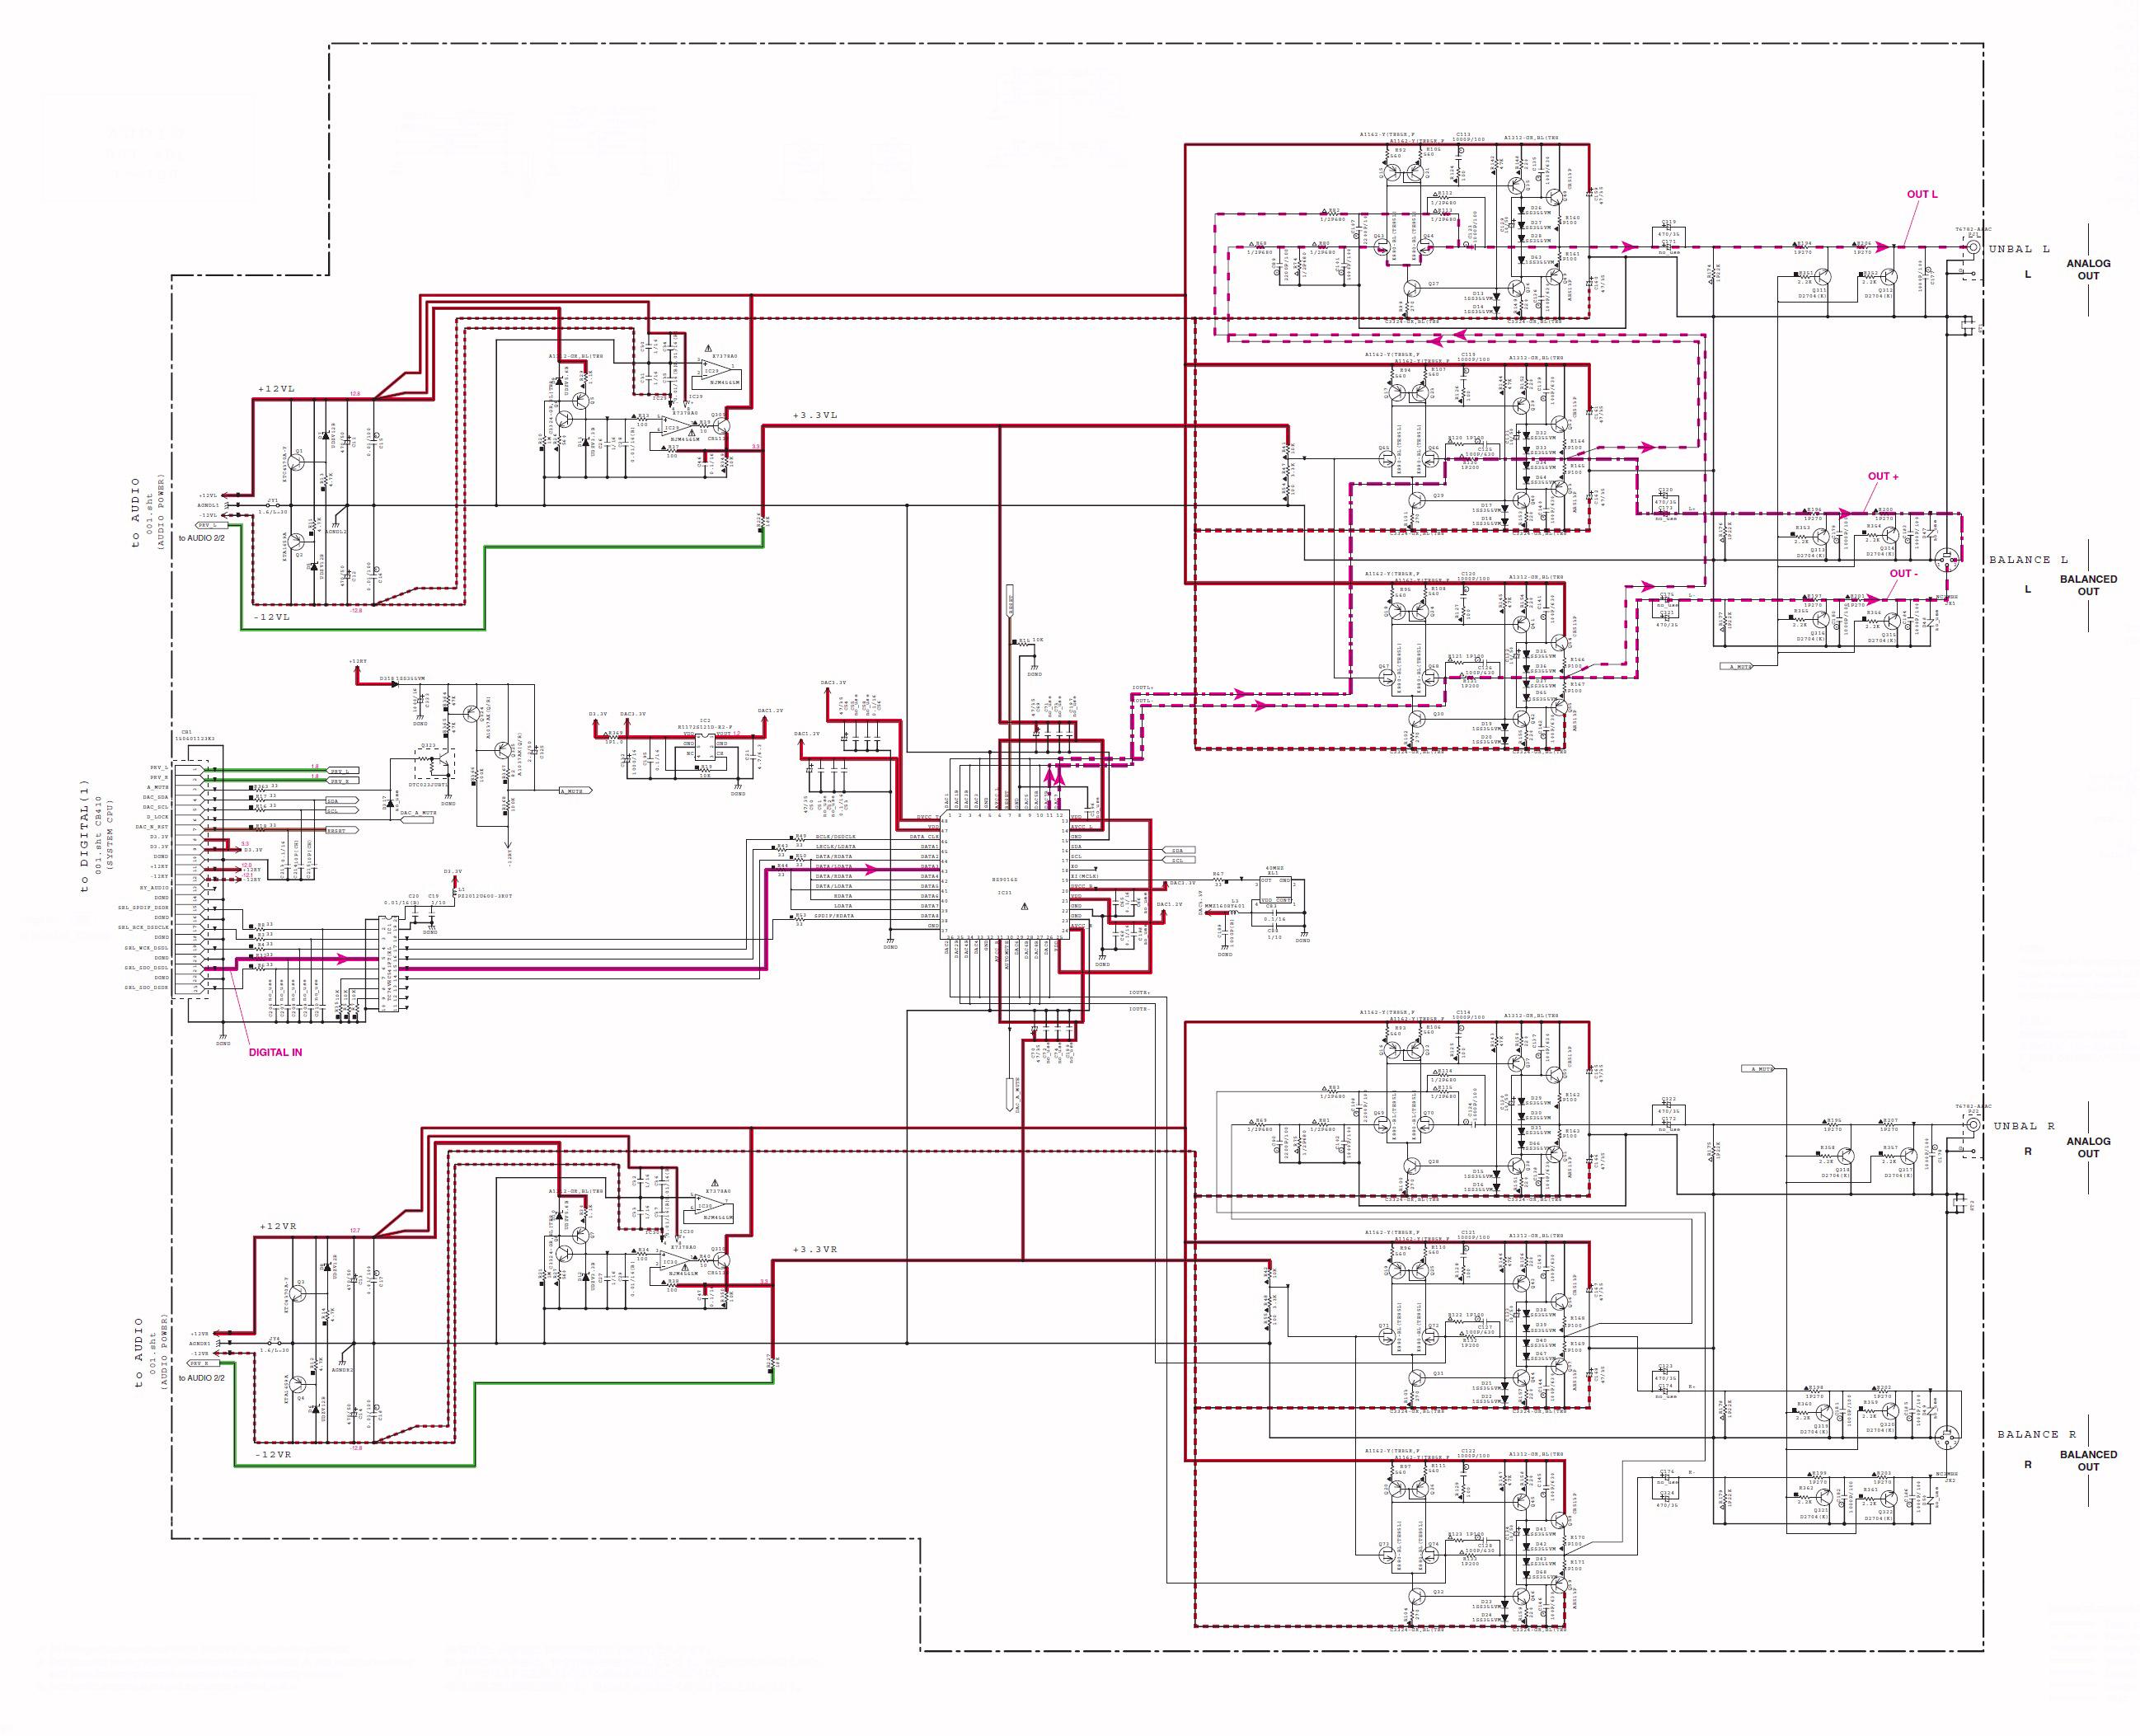 Schema Elettrico : Cd s schema elettrico audioreview